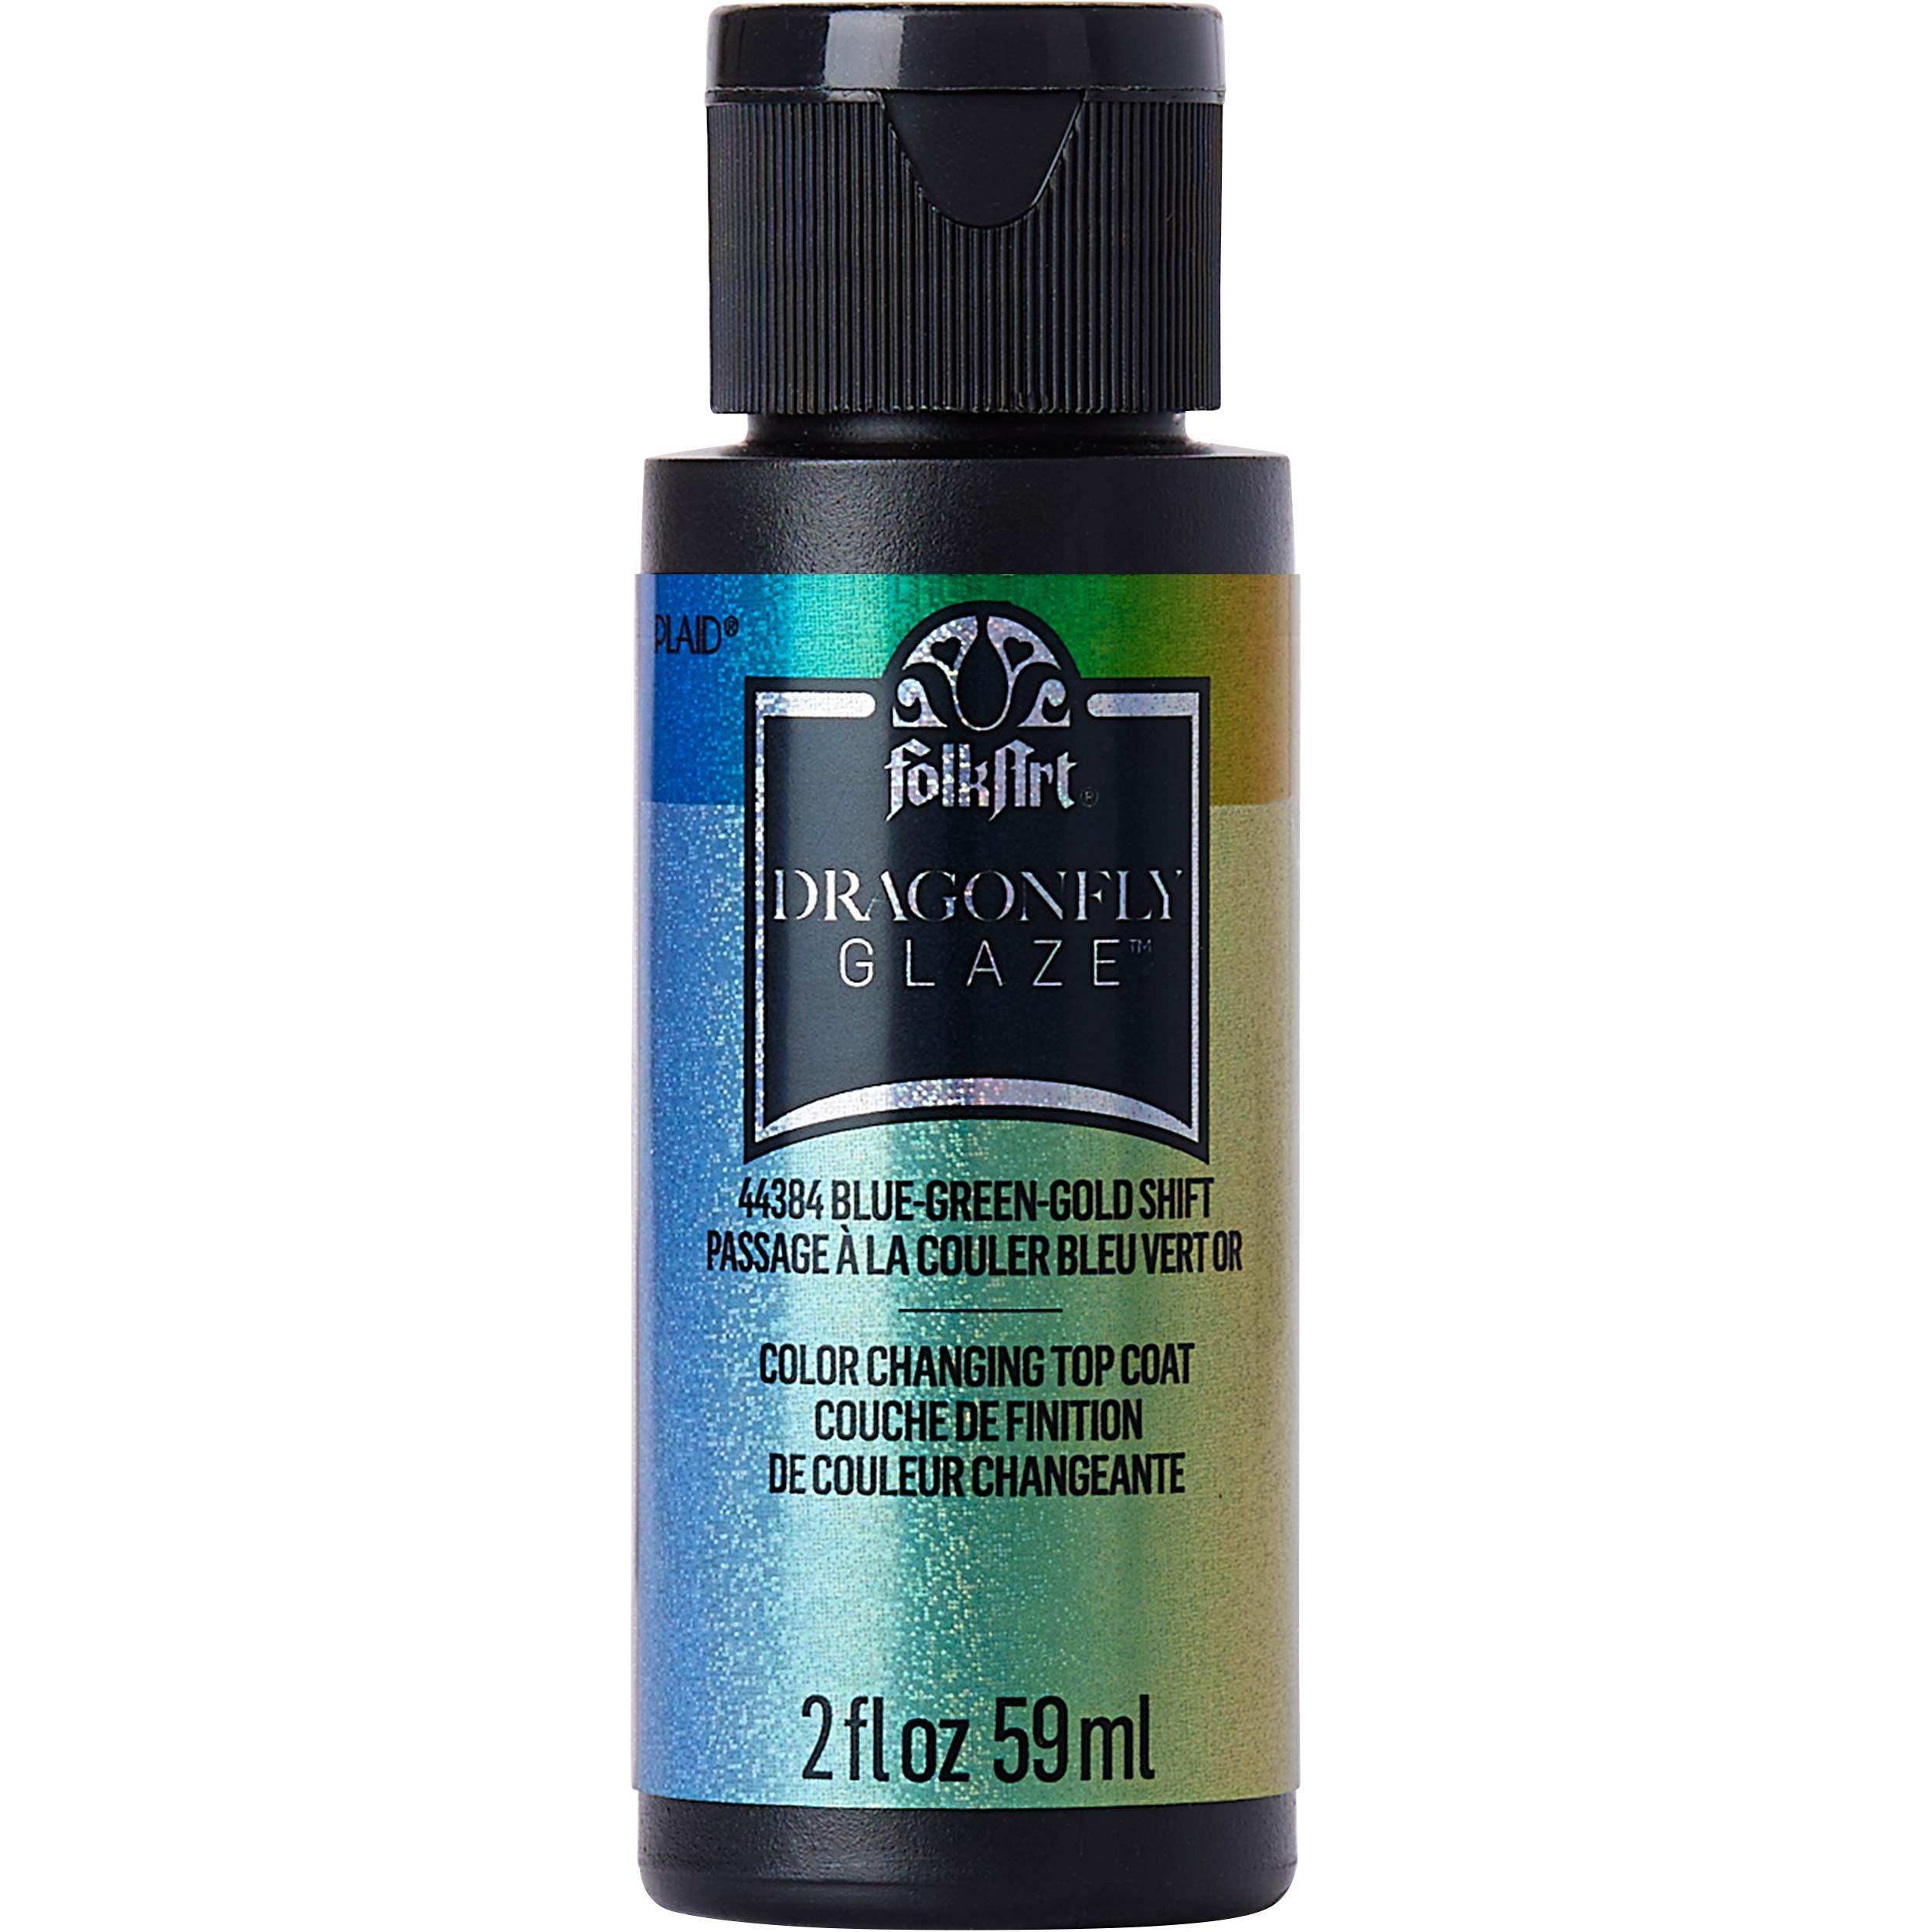 FolkArt ® Dragonfly Glaze™ - Blue-Green-Gold, 2 oz.